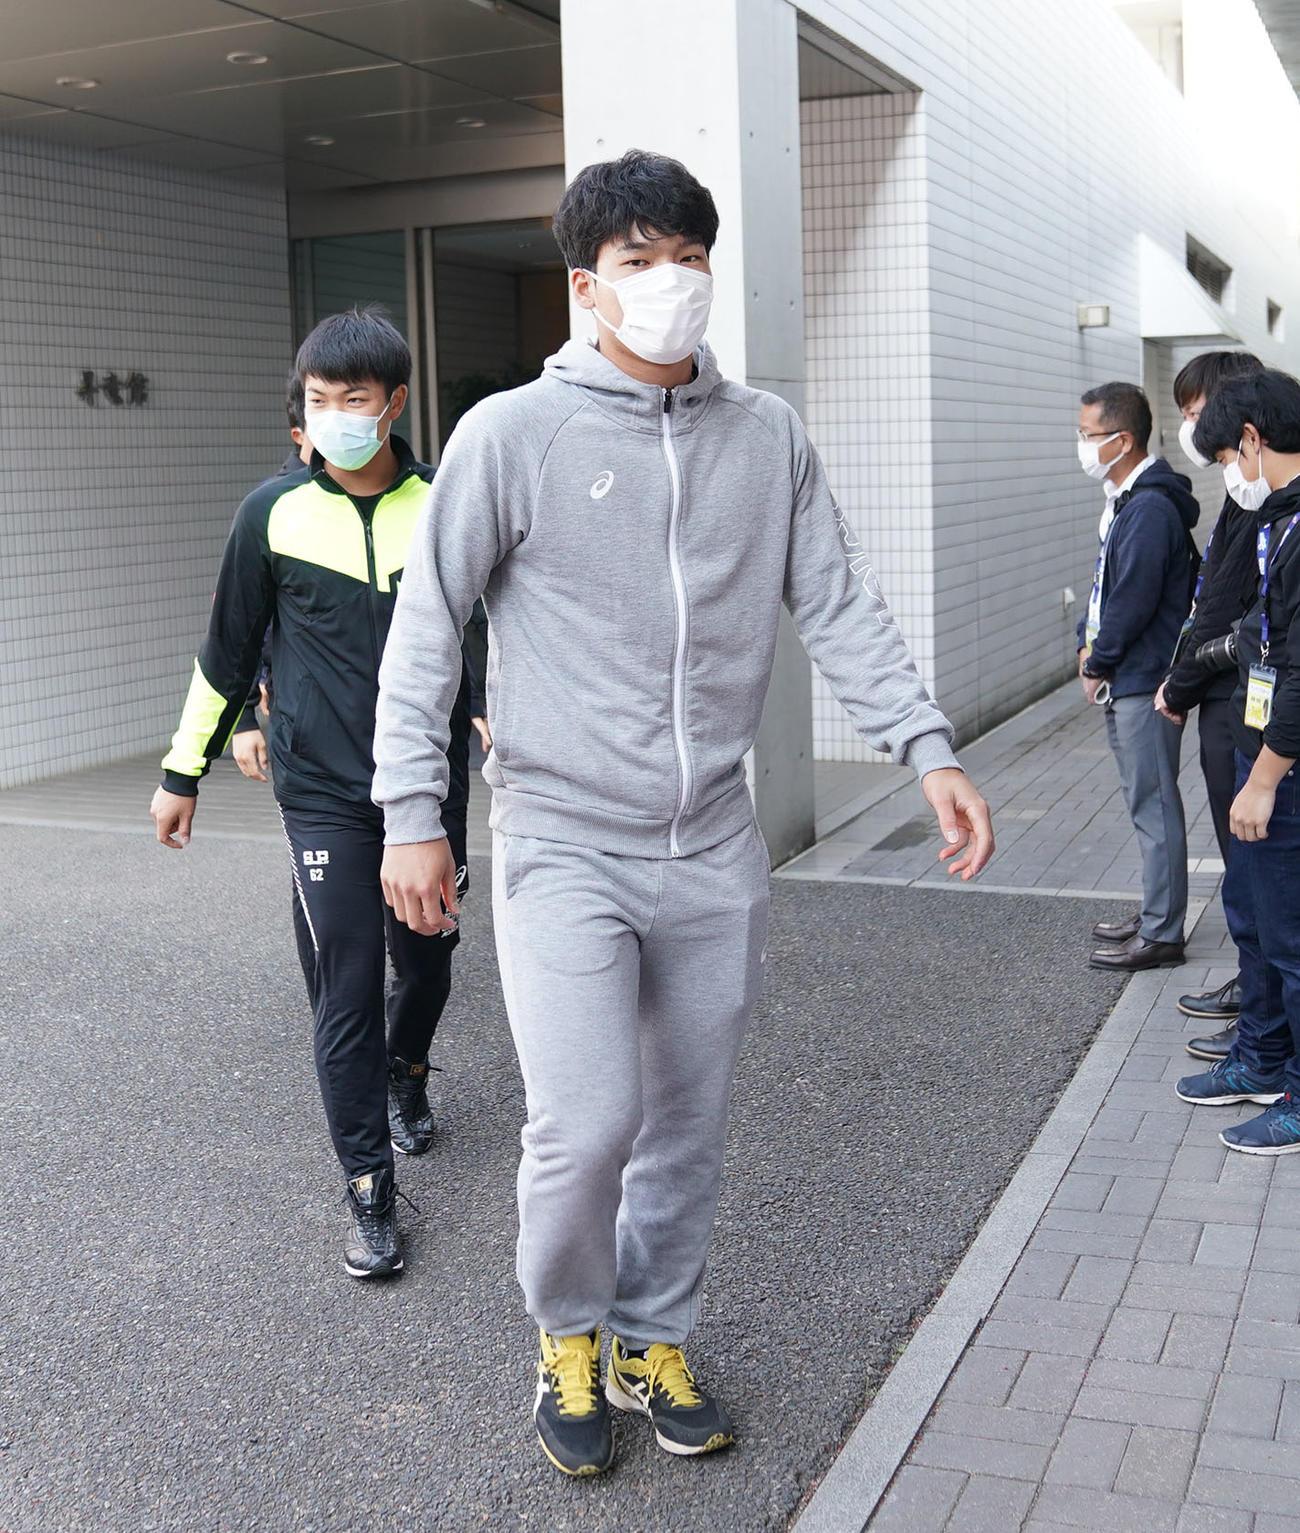 中日練習 練習が中止になり選手寮からミーティング会場へ向かう石川昂弥(撮影・森本幸一)